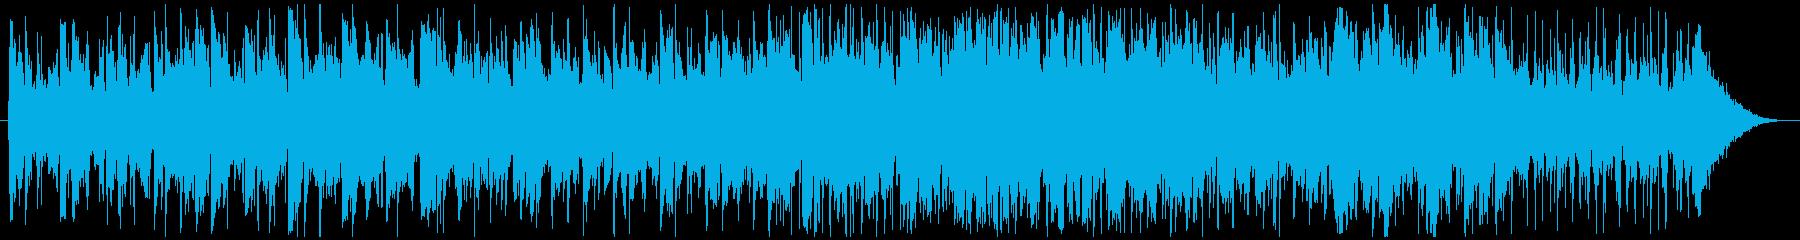 ラテン ジャズ 感情的 バラード ...の再生済みの波形